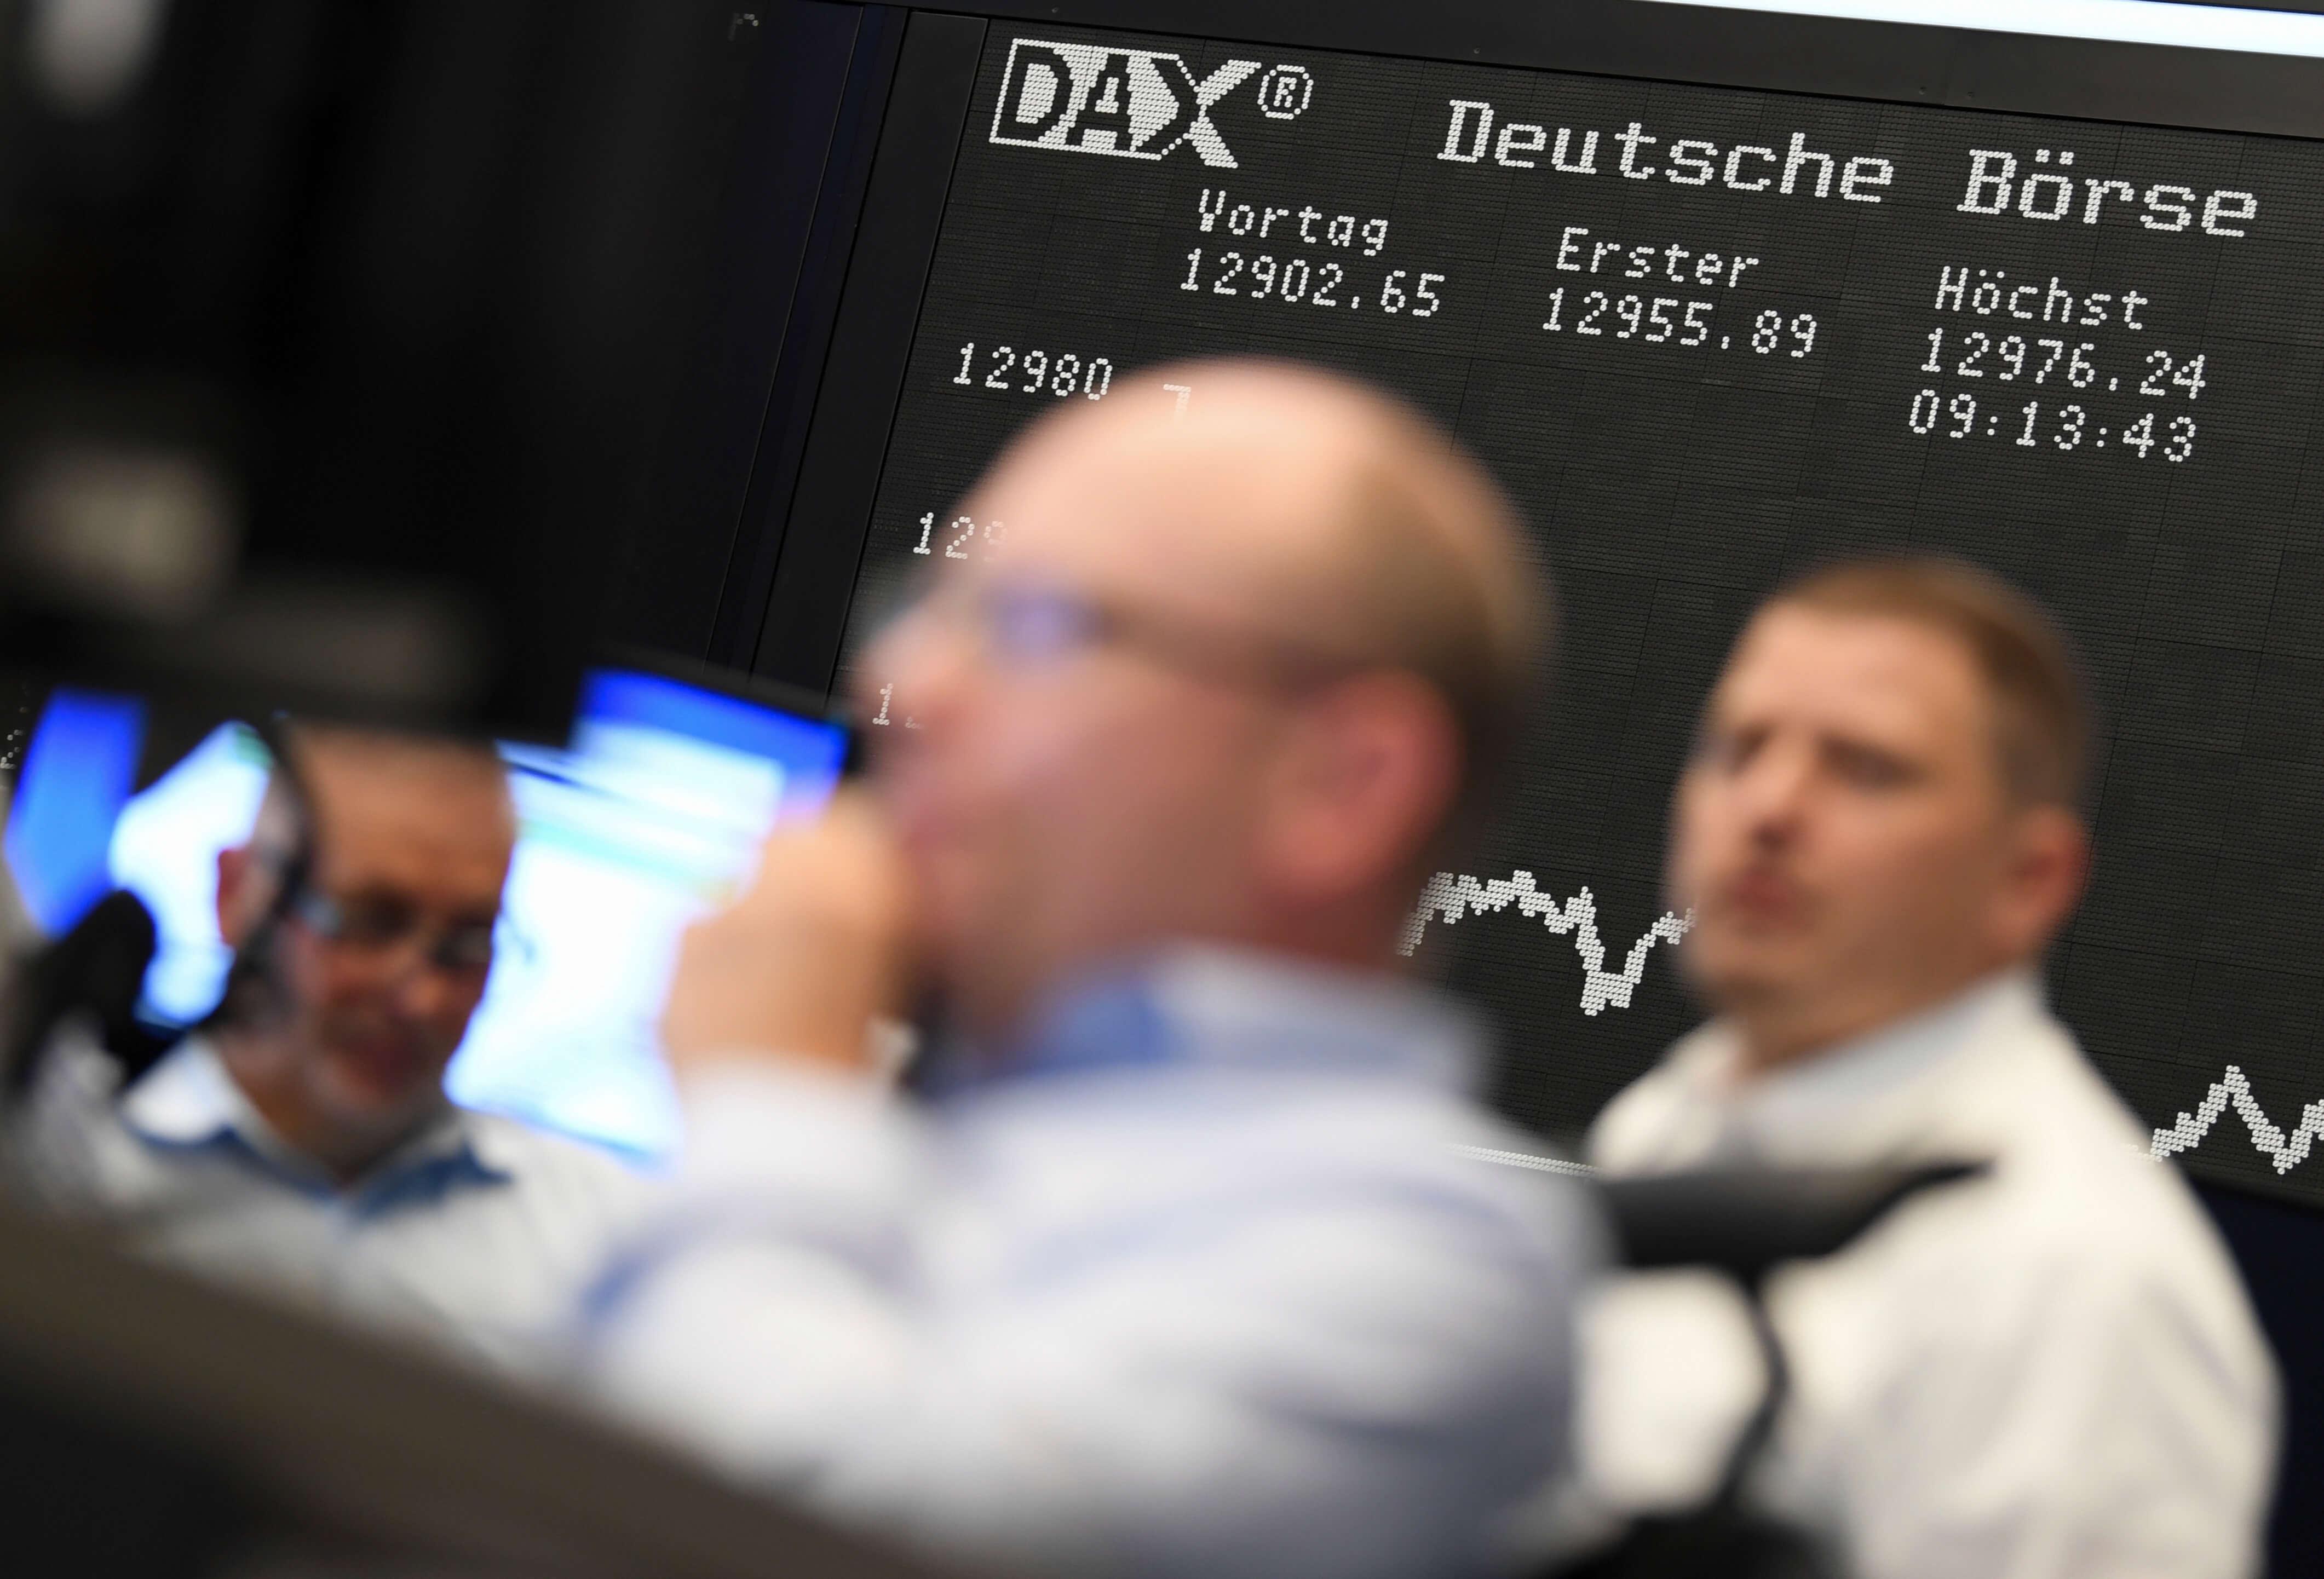 Bolsas Europeas abren al alza; hay optimismo por acuerdos comerciales